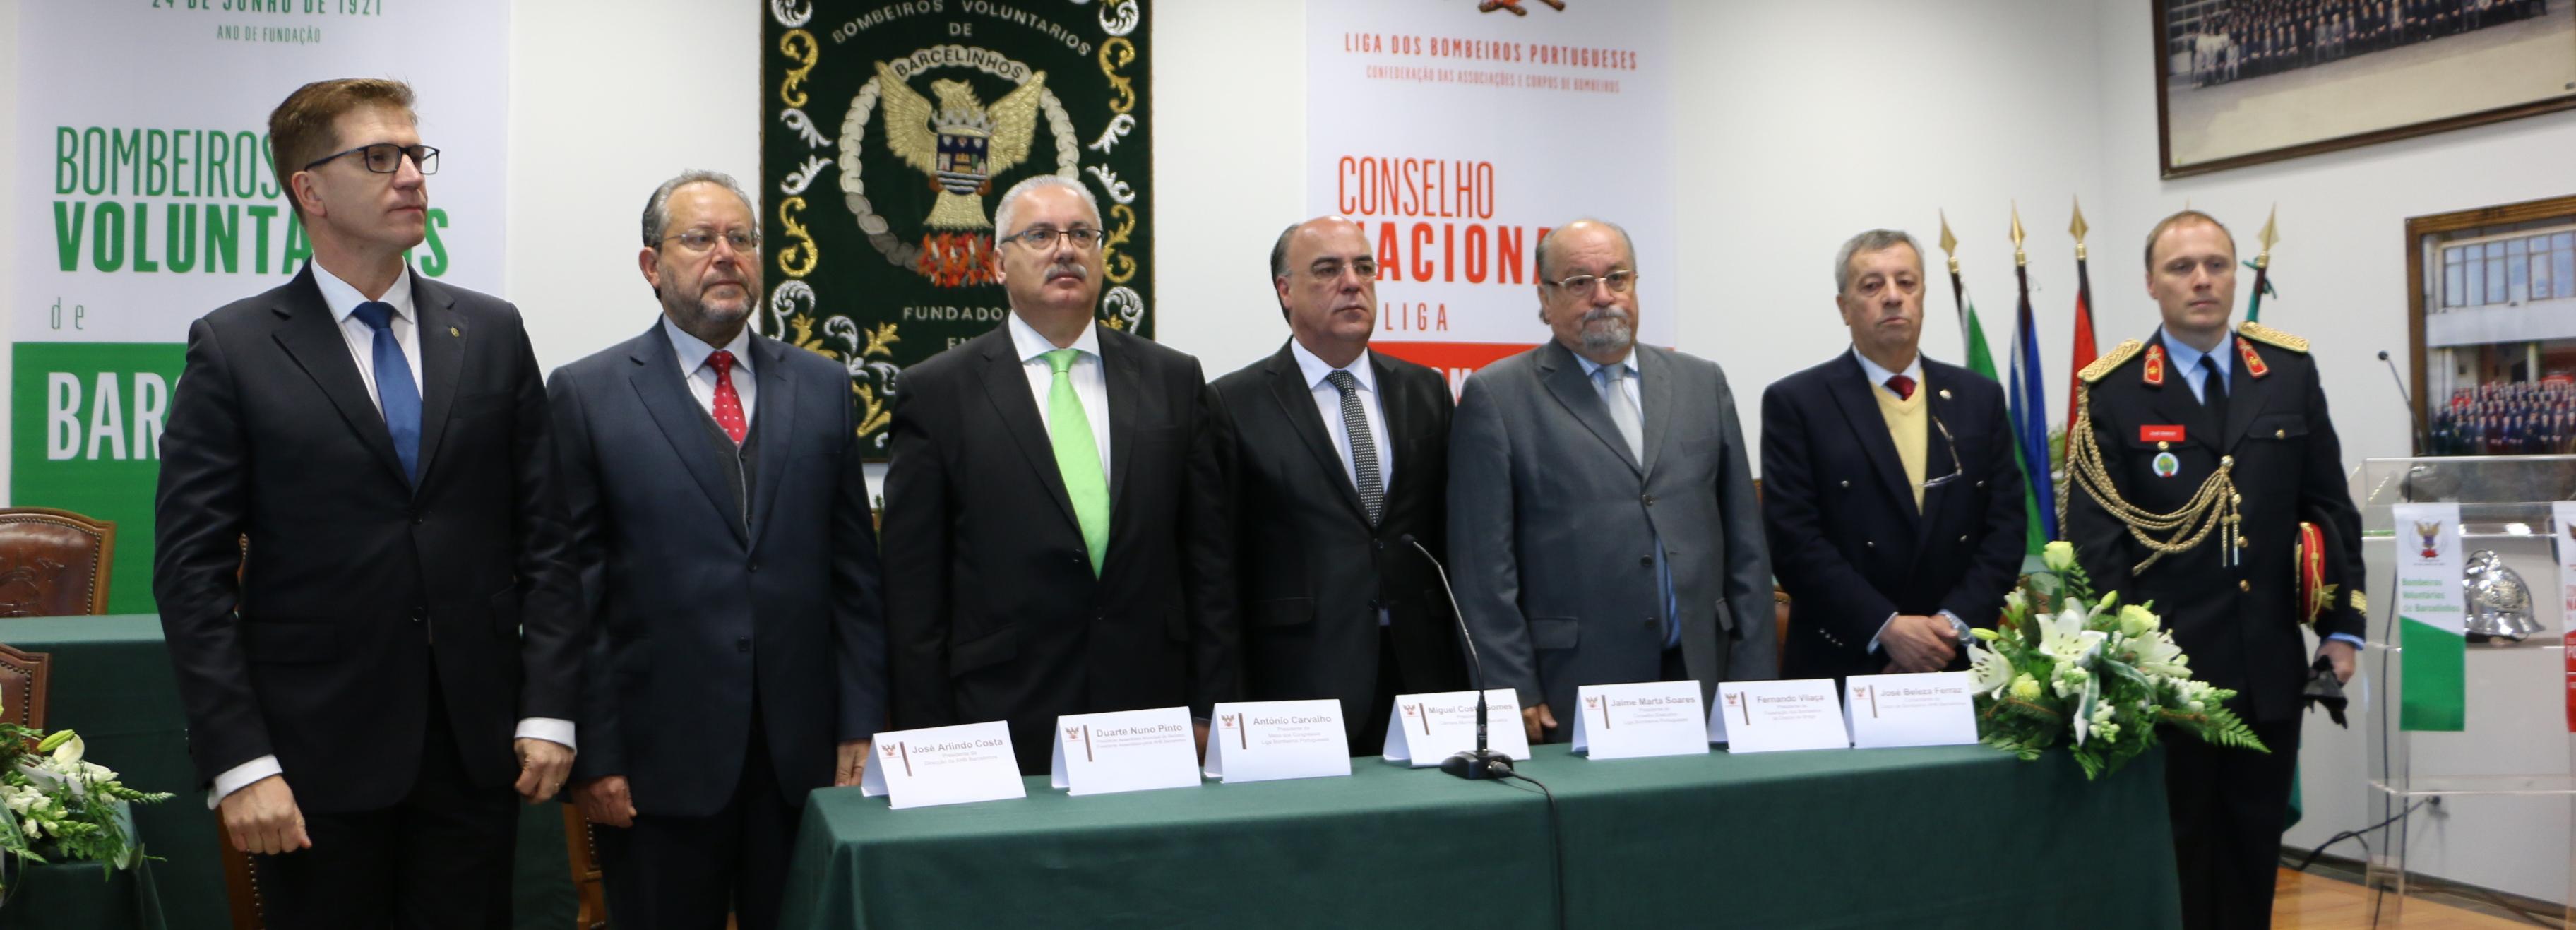 Conselho Nacional da Liga dos Bombeiros Portugueses decorreu em Barcelinhos